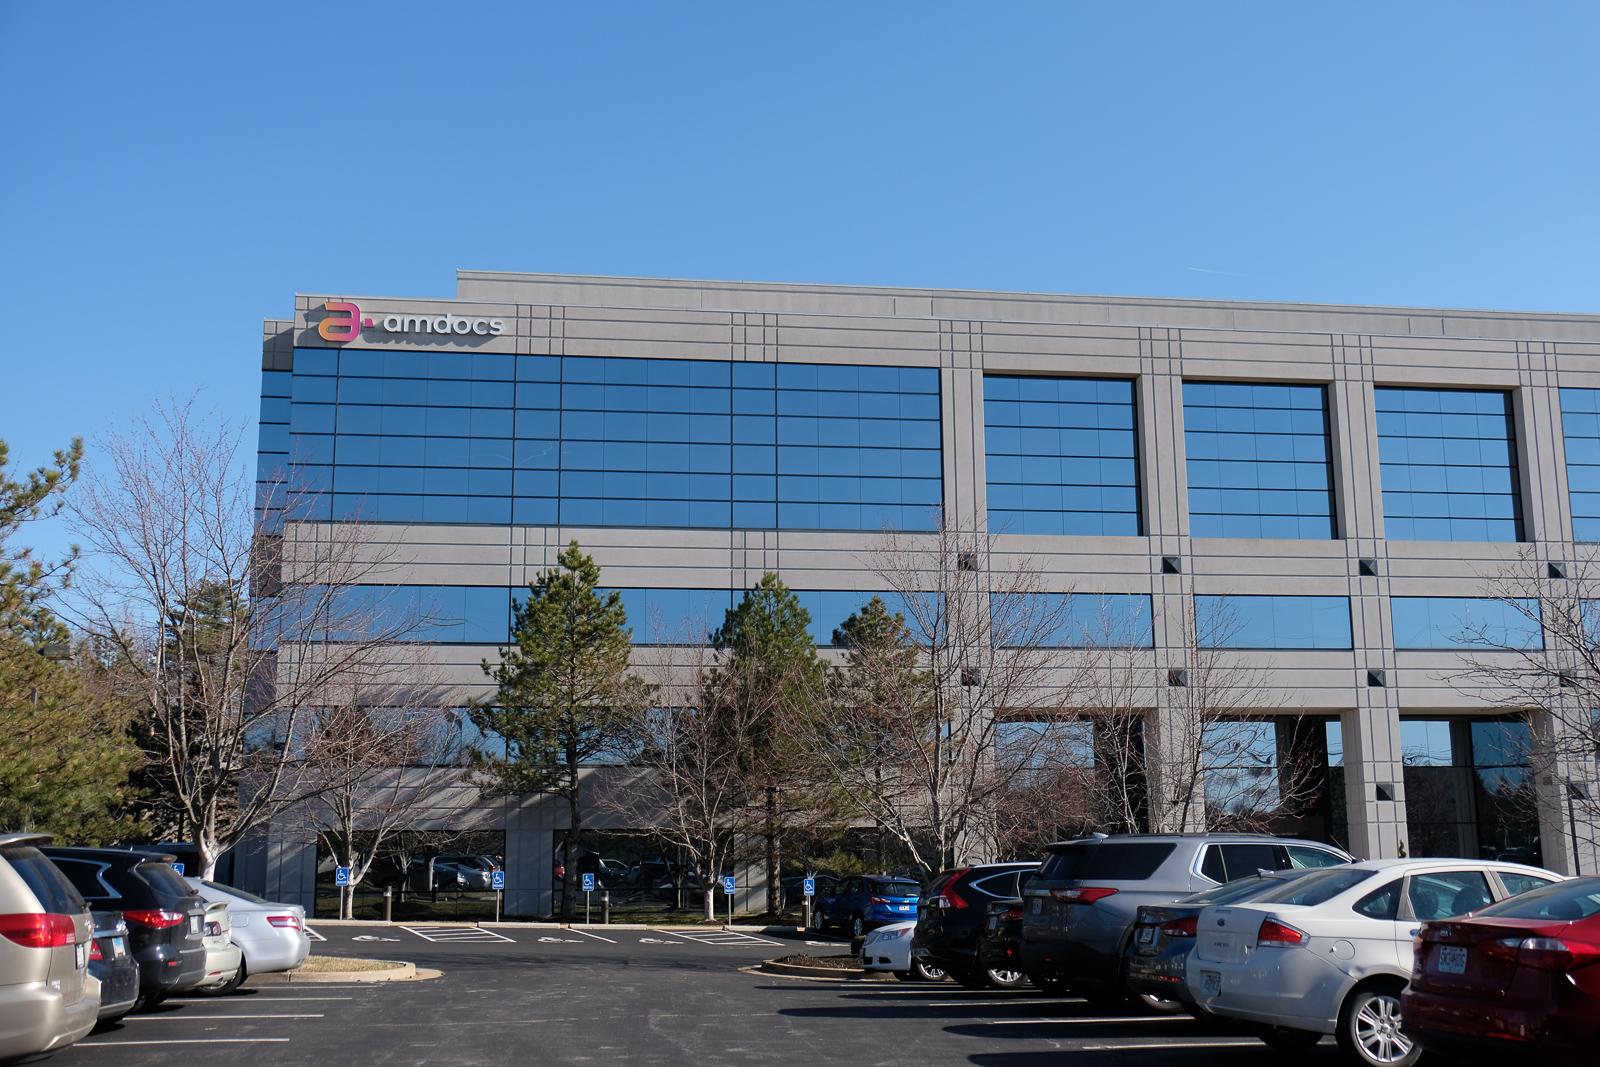 Amdocs office in St. Louis, Missouri.